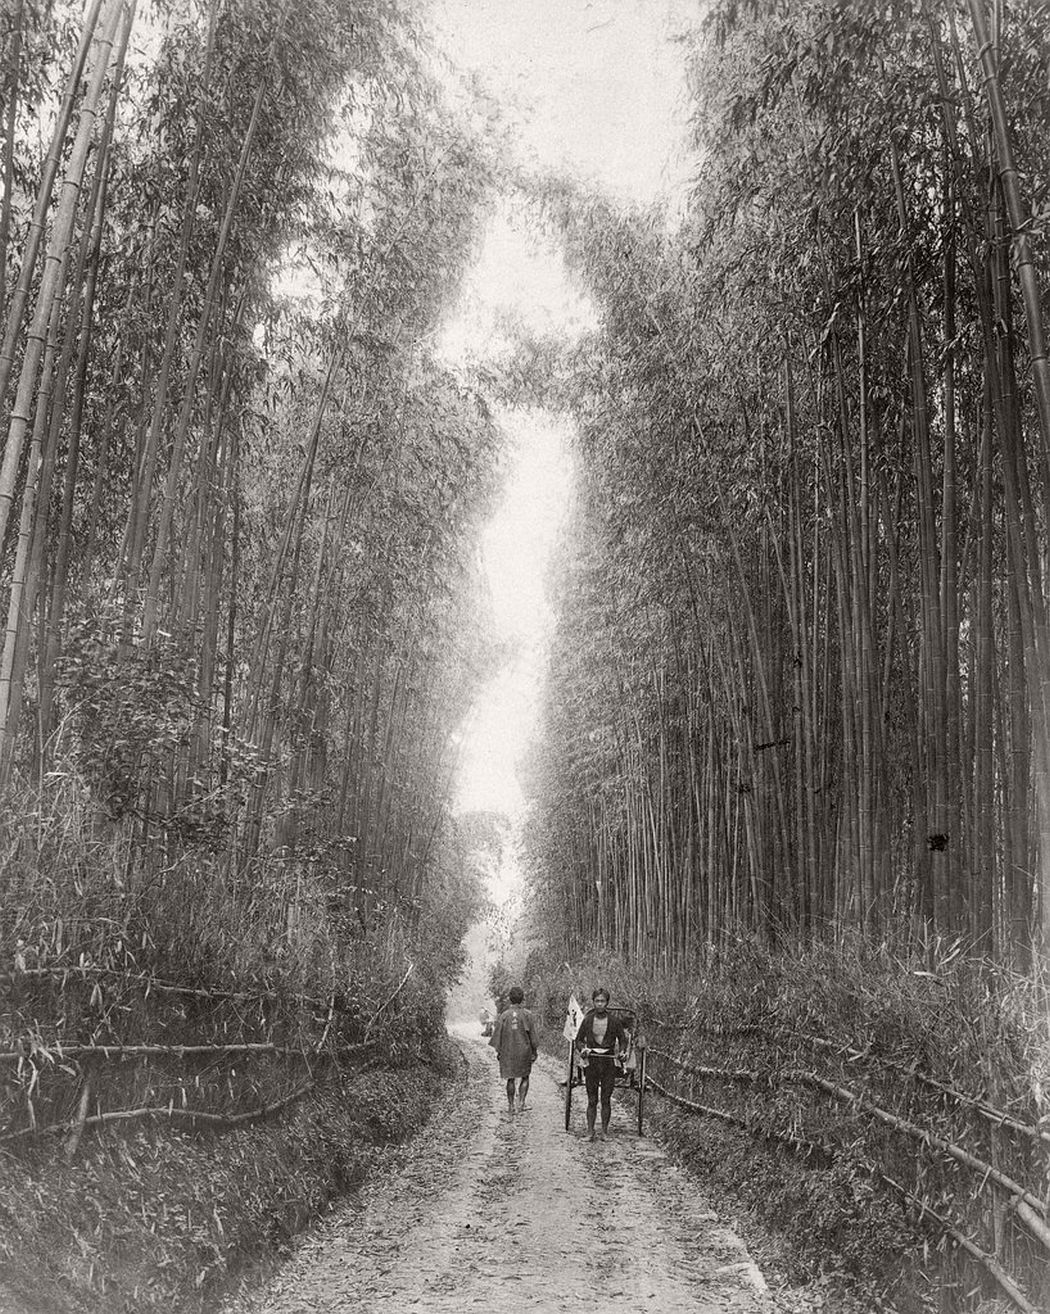 Gojo-zaka bamboo forest, Kyoto, Japan, ca. 1870